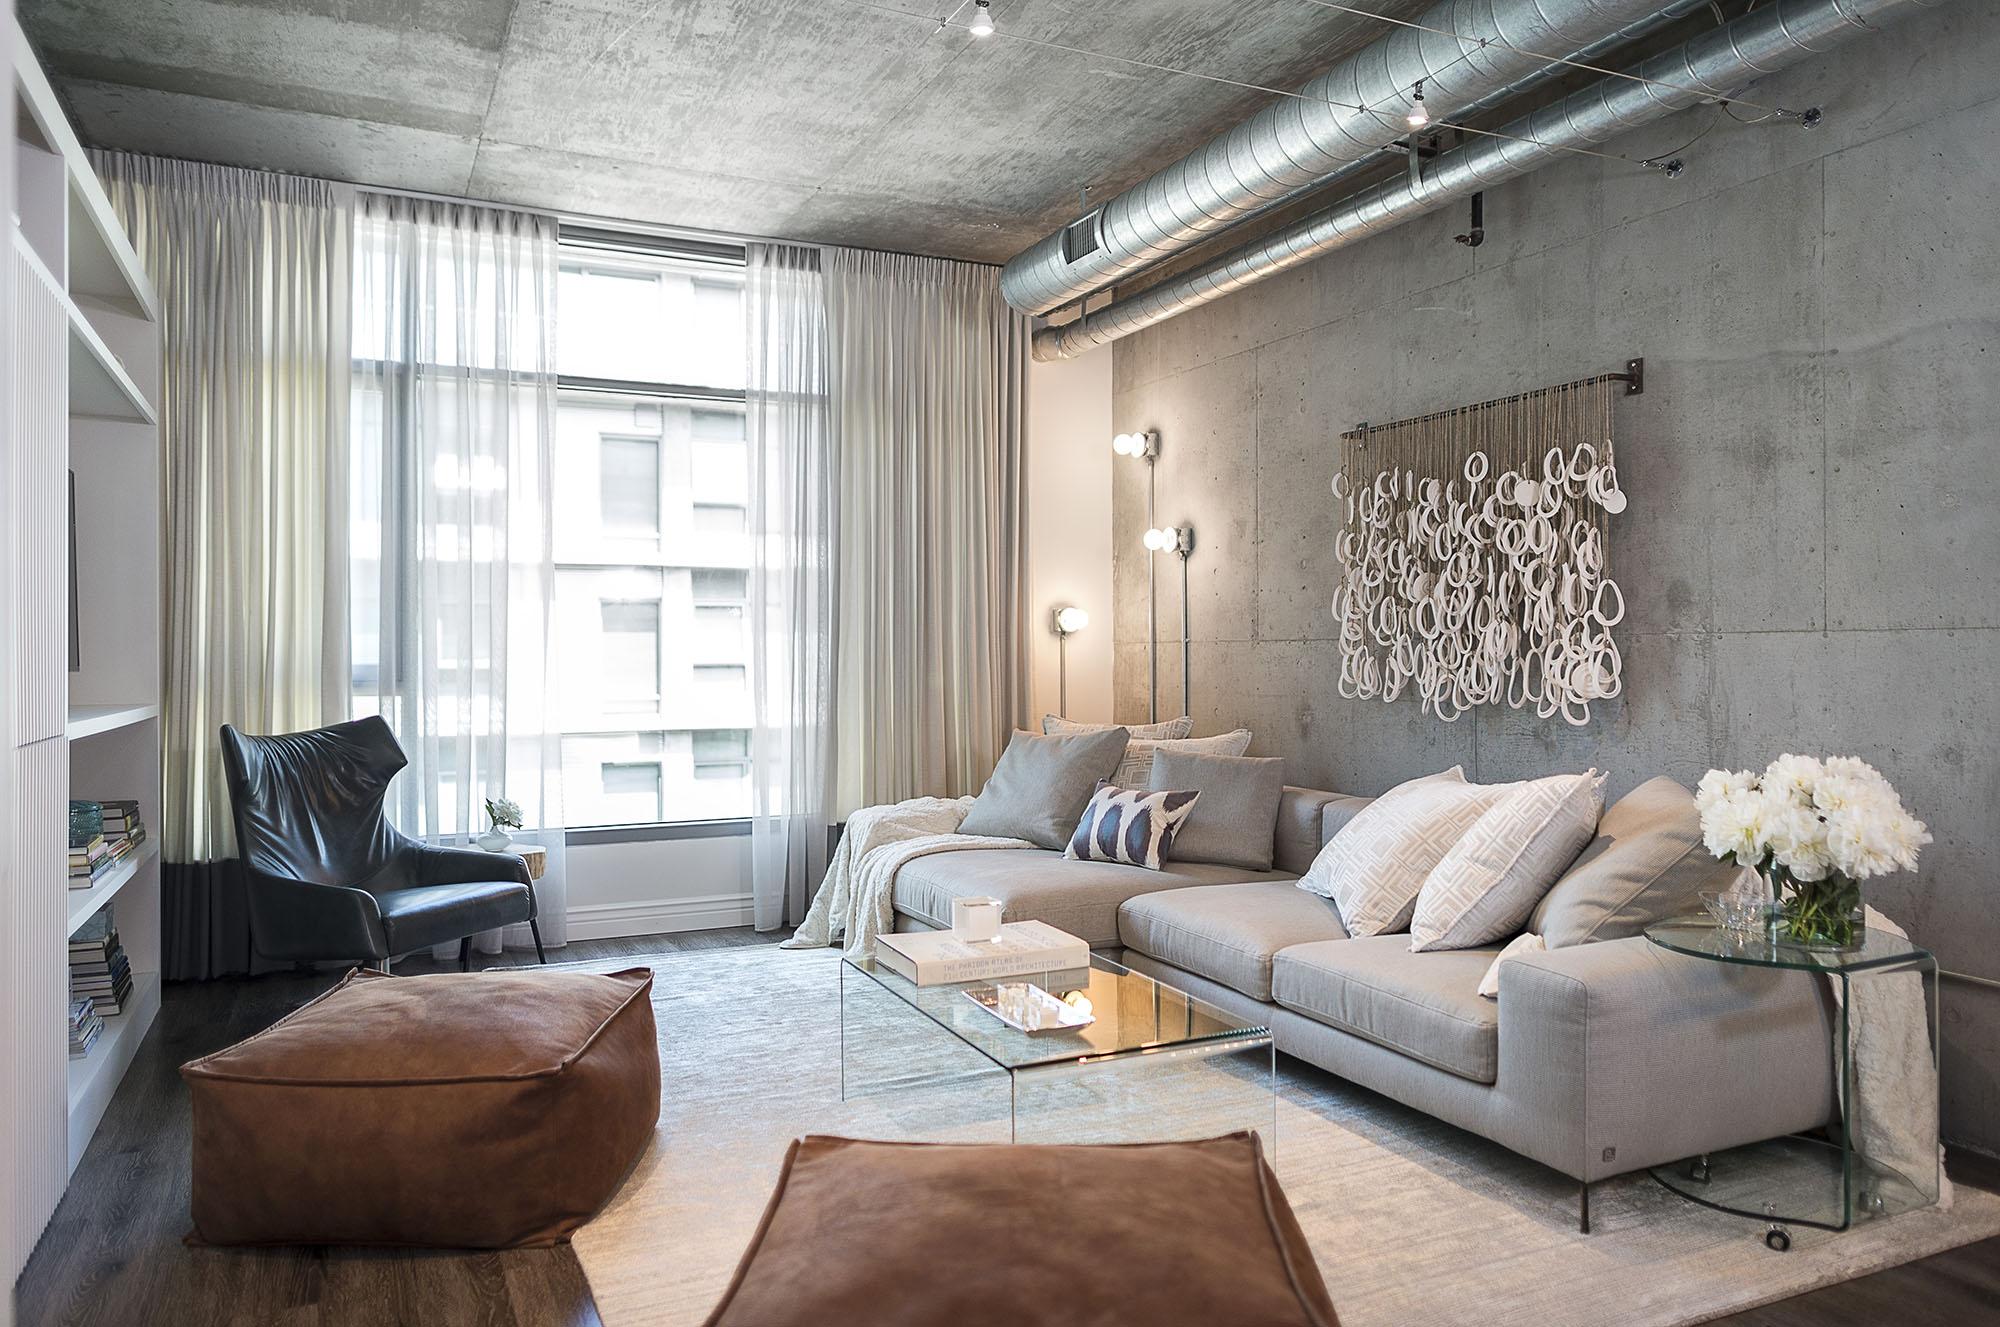 Серый диван в интерьере в стиле лофт